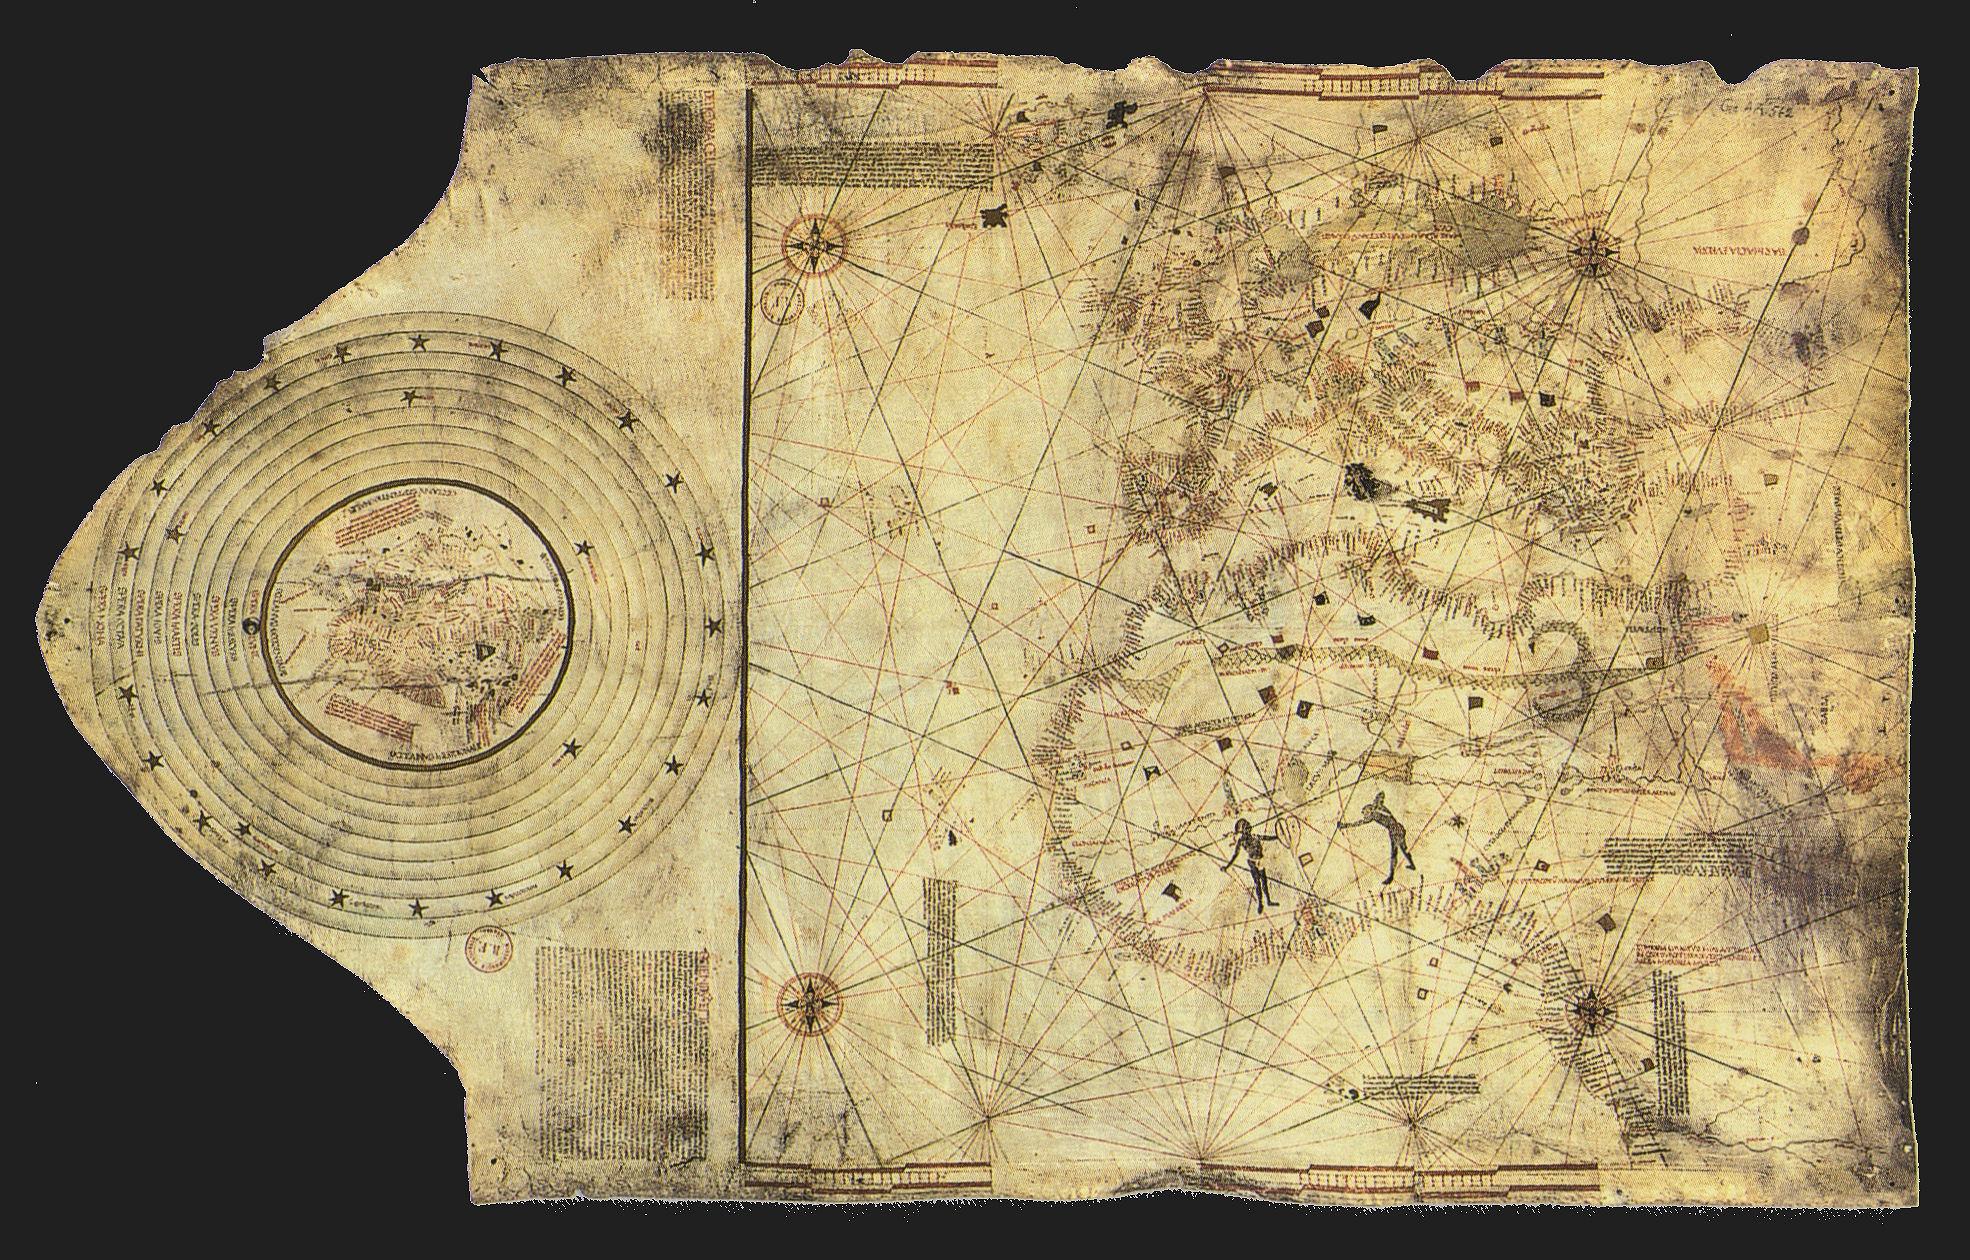 콜럼버스의 지도 (퍼블릭 도메인)